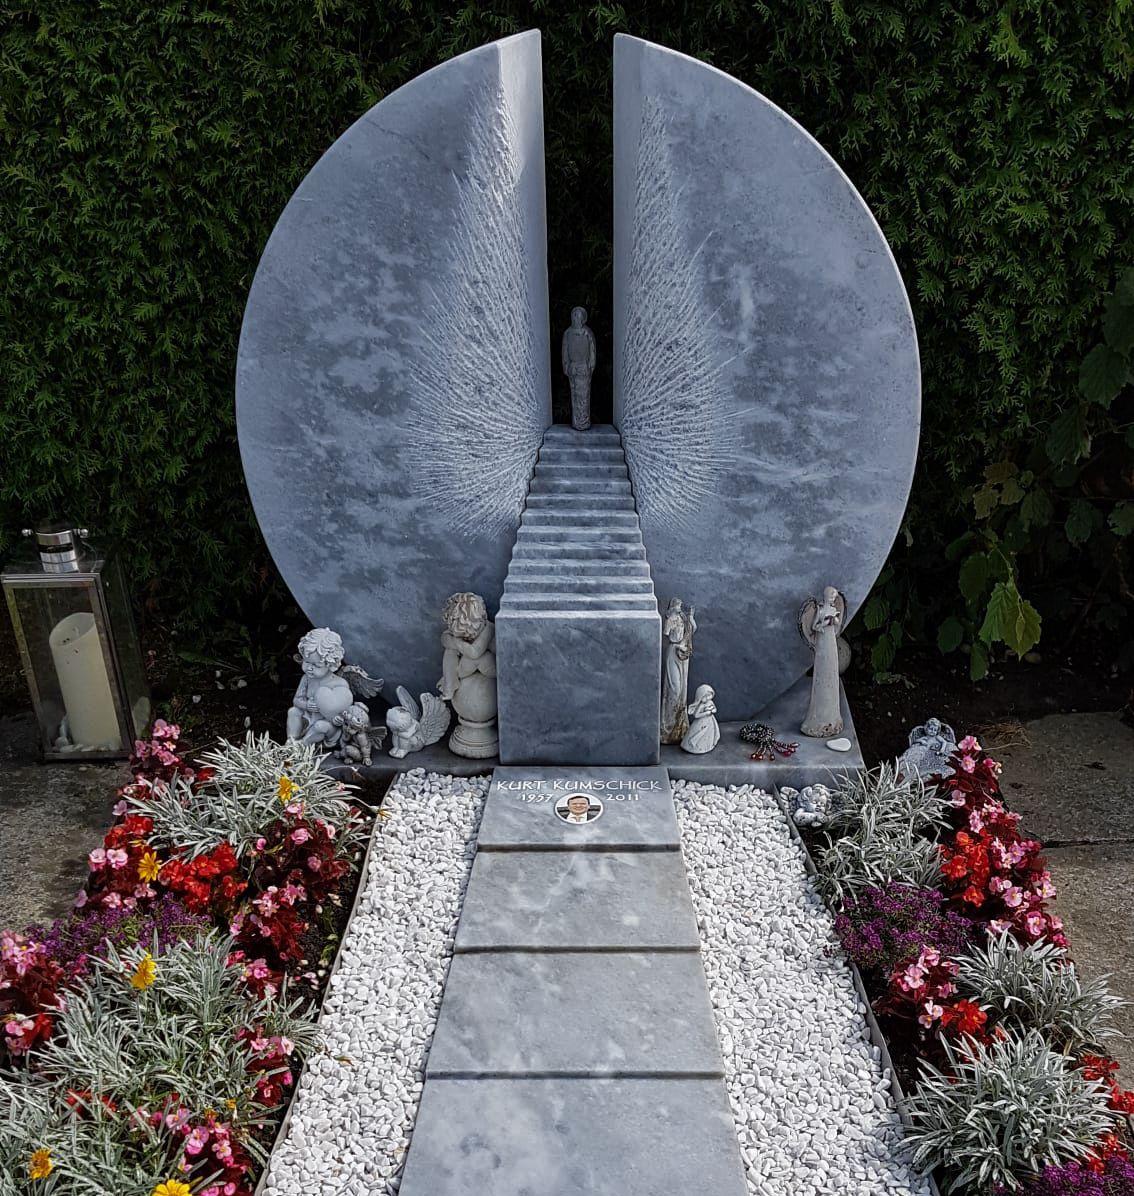 Unsere Moderne Interpretation Einer Himmelstreppe Was Meint Ihr Himmelstreppe Stairwaytoheaven Grabstein Grabmal Familiengra Steinkunst Grabstein Steine